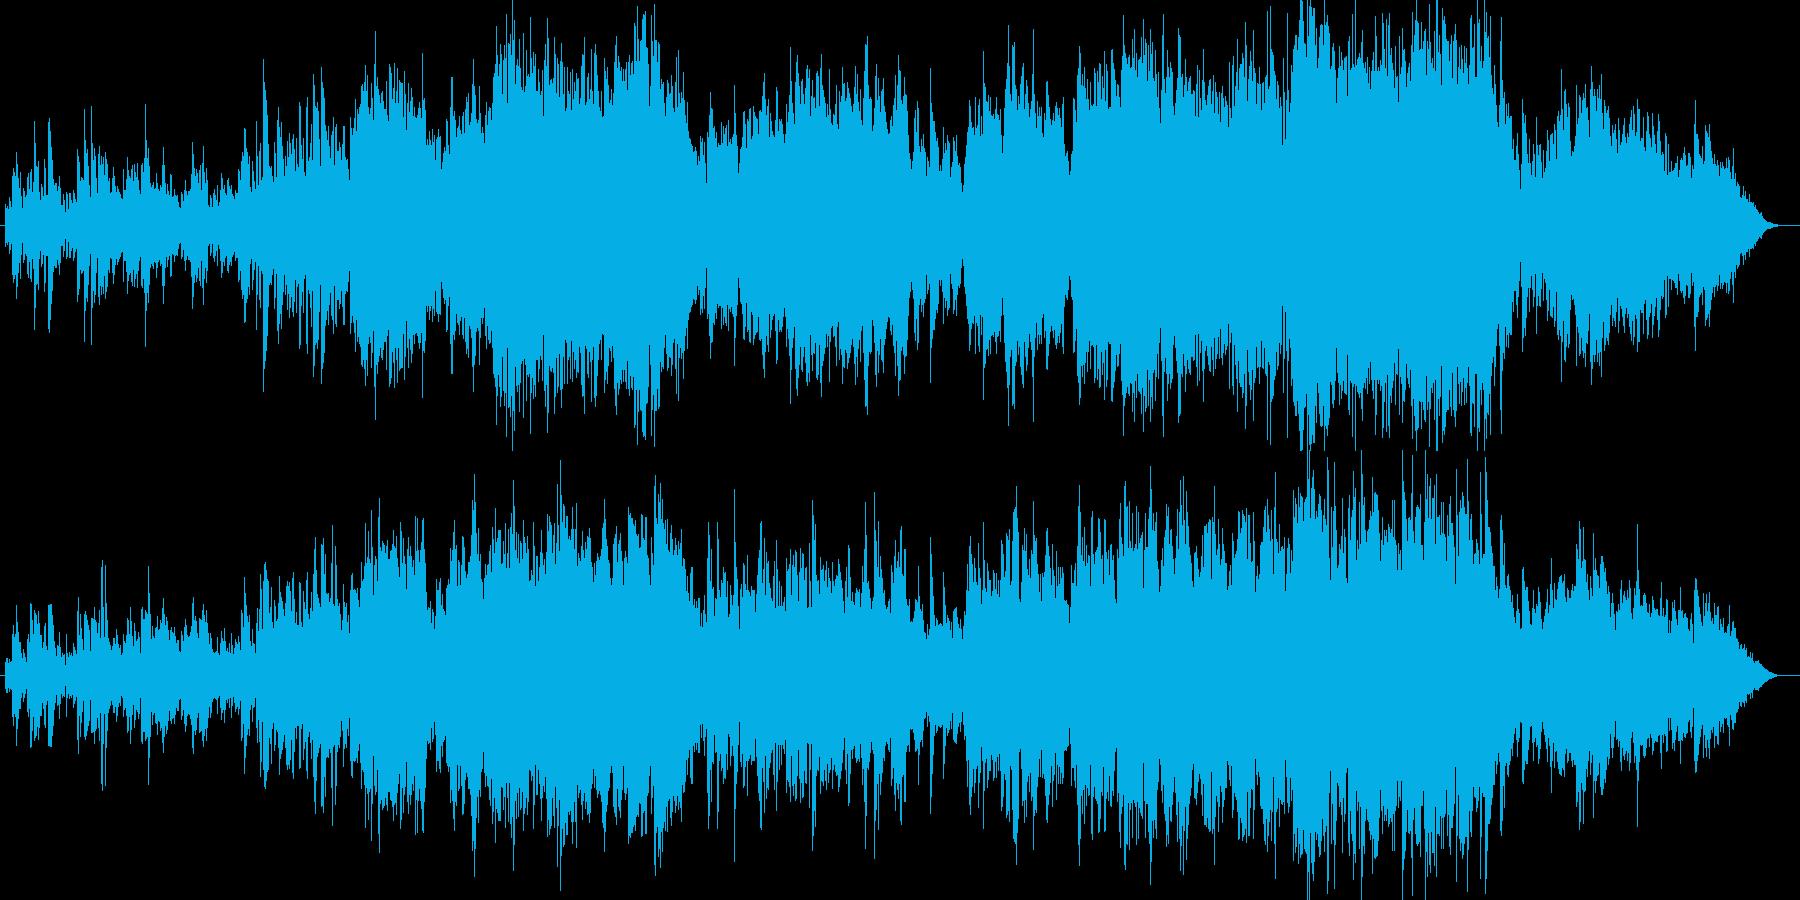 エレガントでノスタルジックなポップスの再生済みの波形